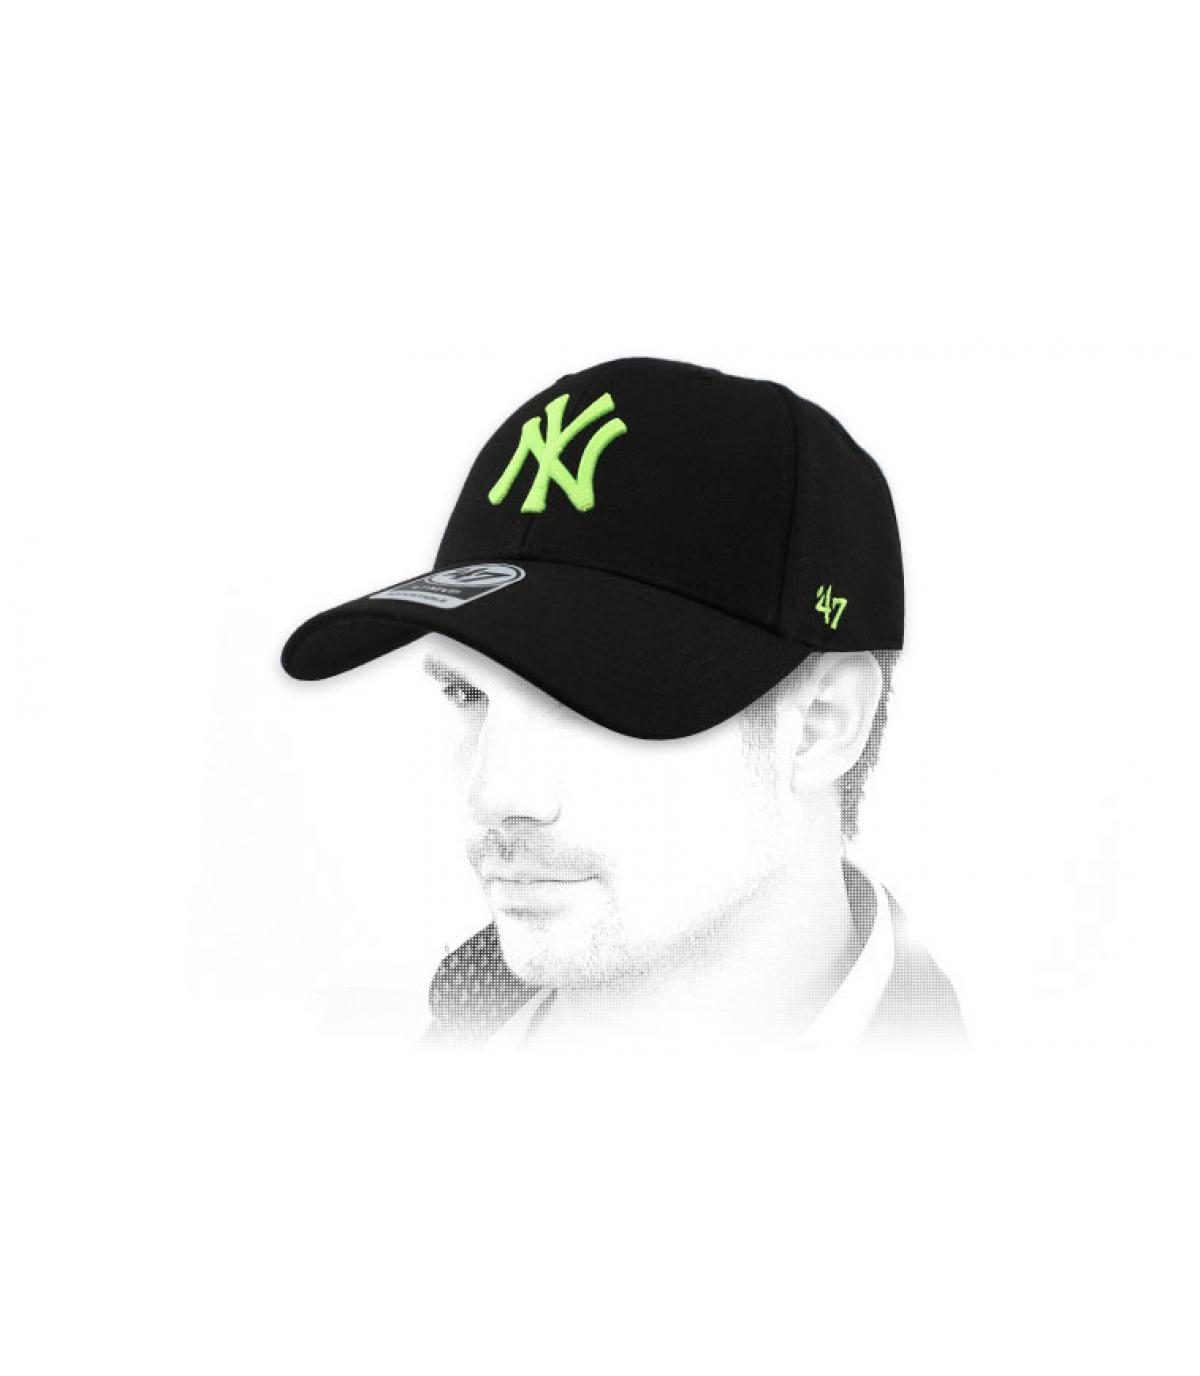 gorra NY negro amarillo 47